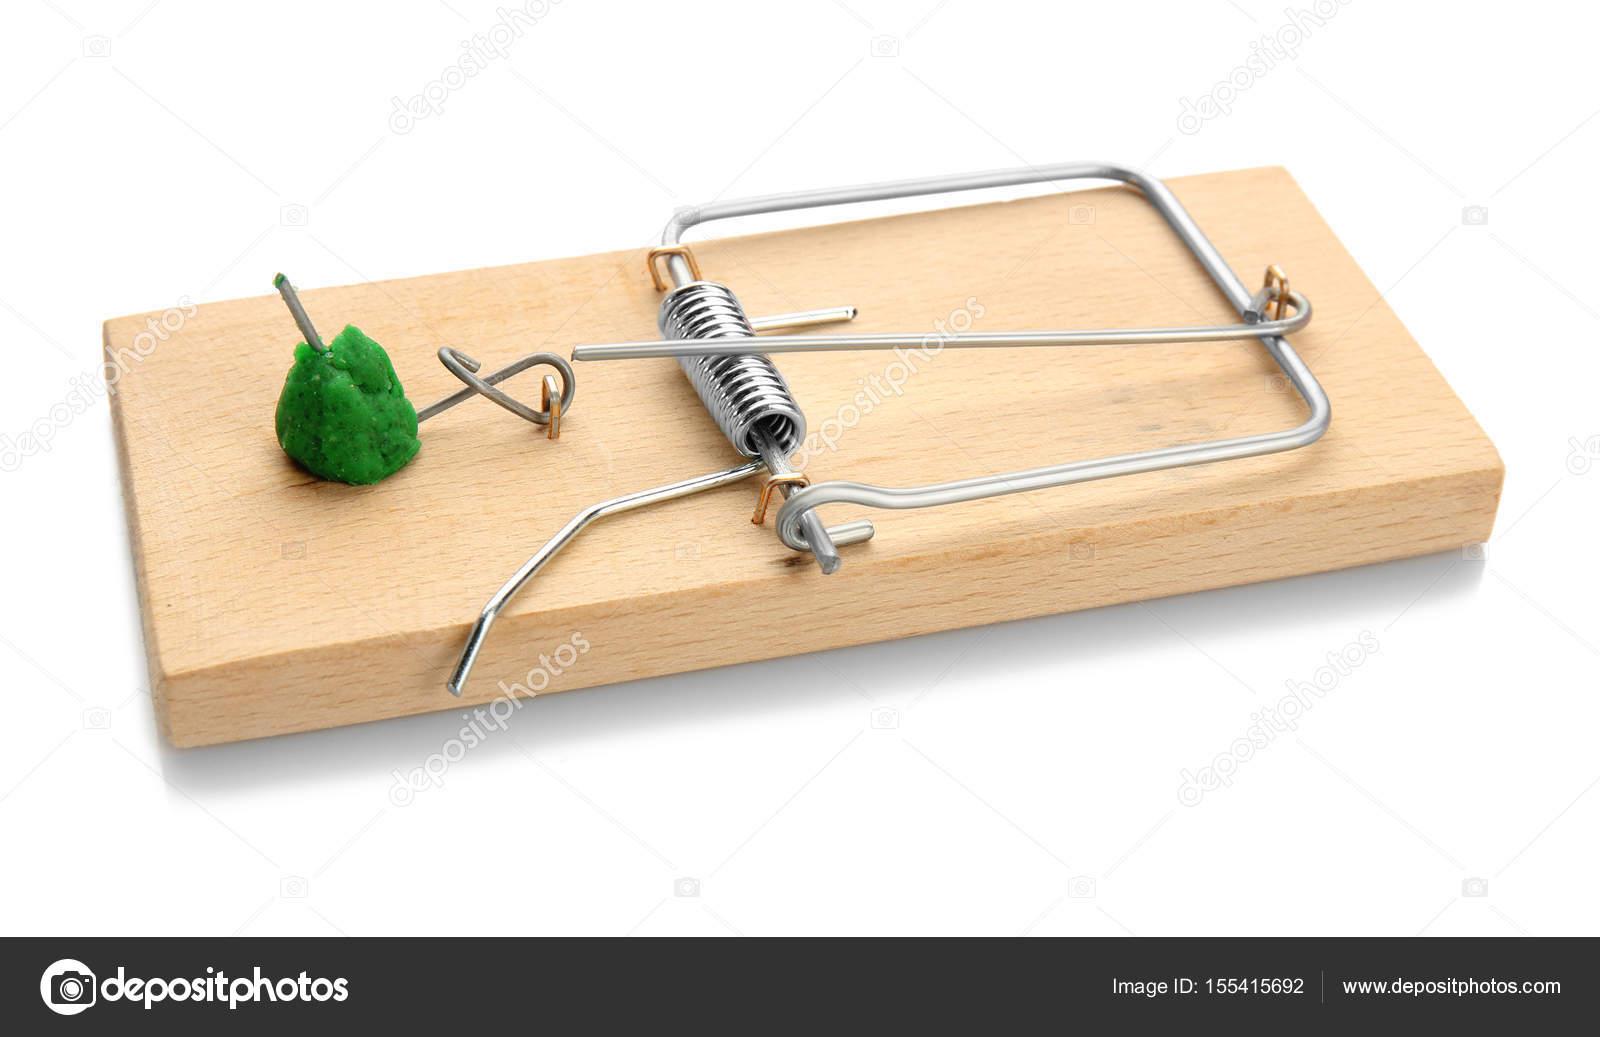 Como hacer una trampa para ratones great x vensmiel trampa ratones trampas para ratones humano - Trampas de ratones ...